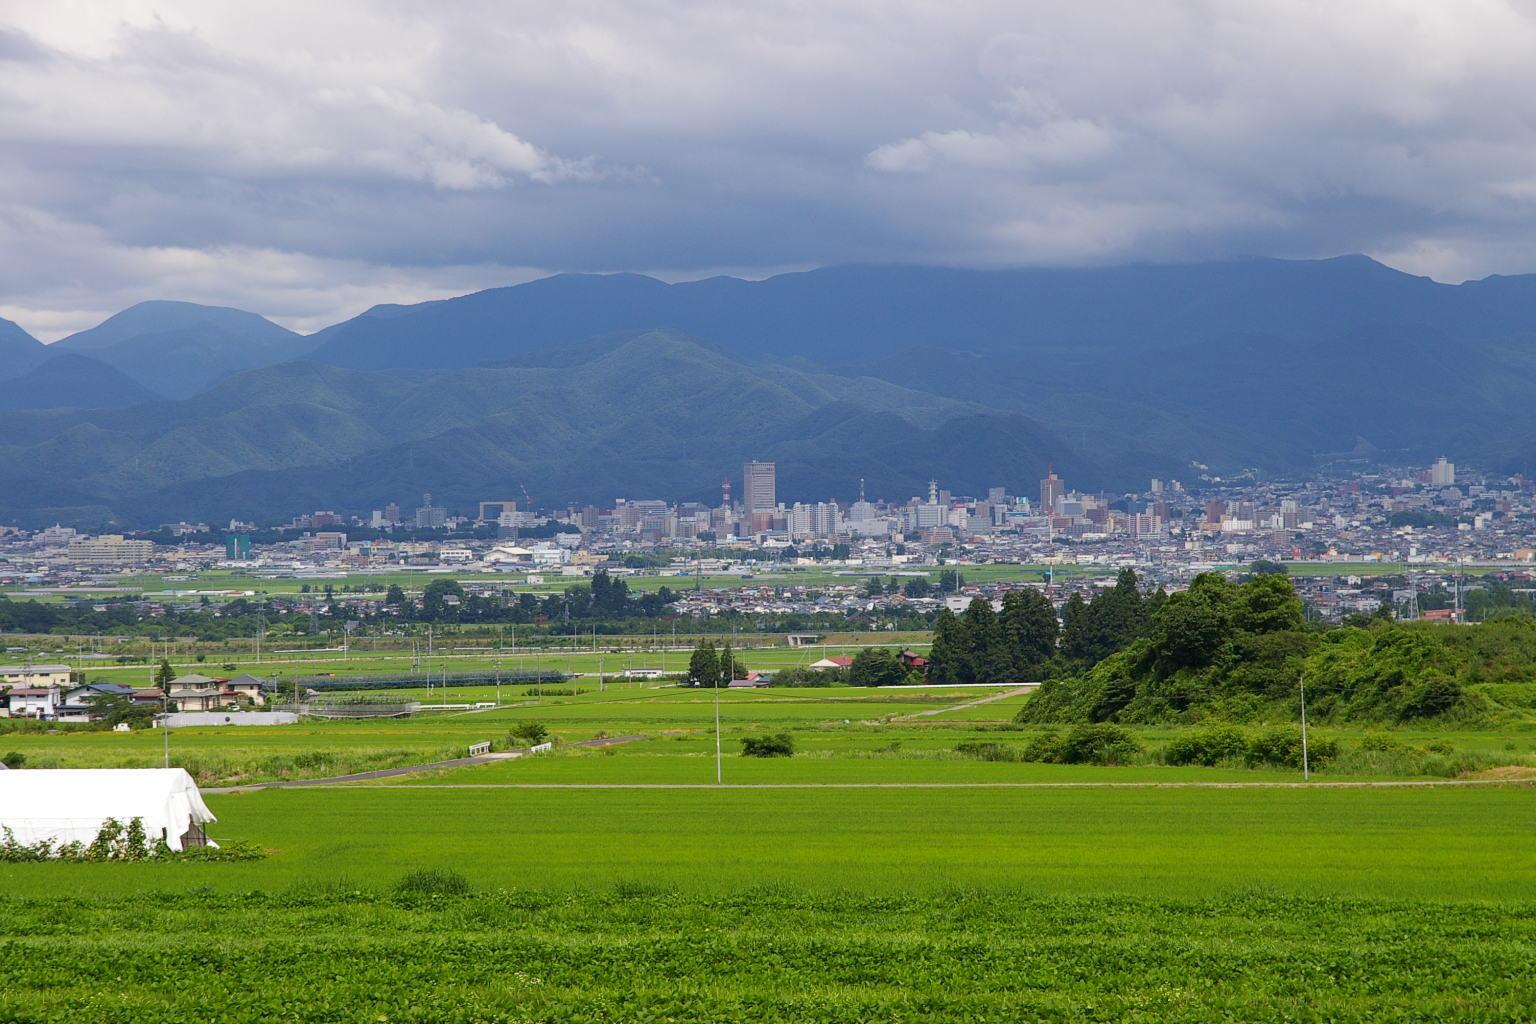 山形市村木沢から眺めた山形市中心街